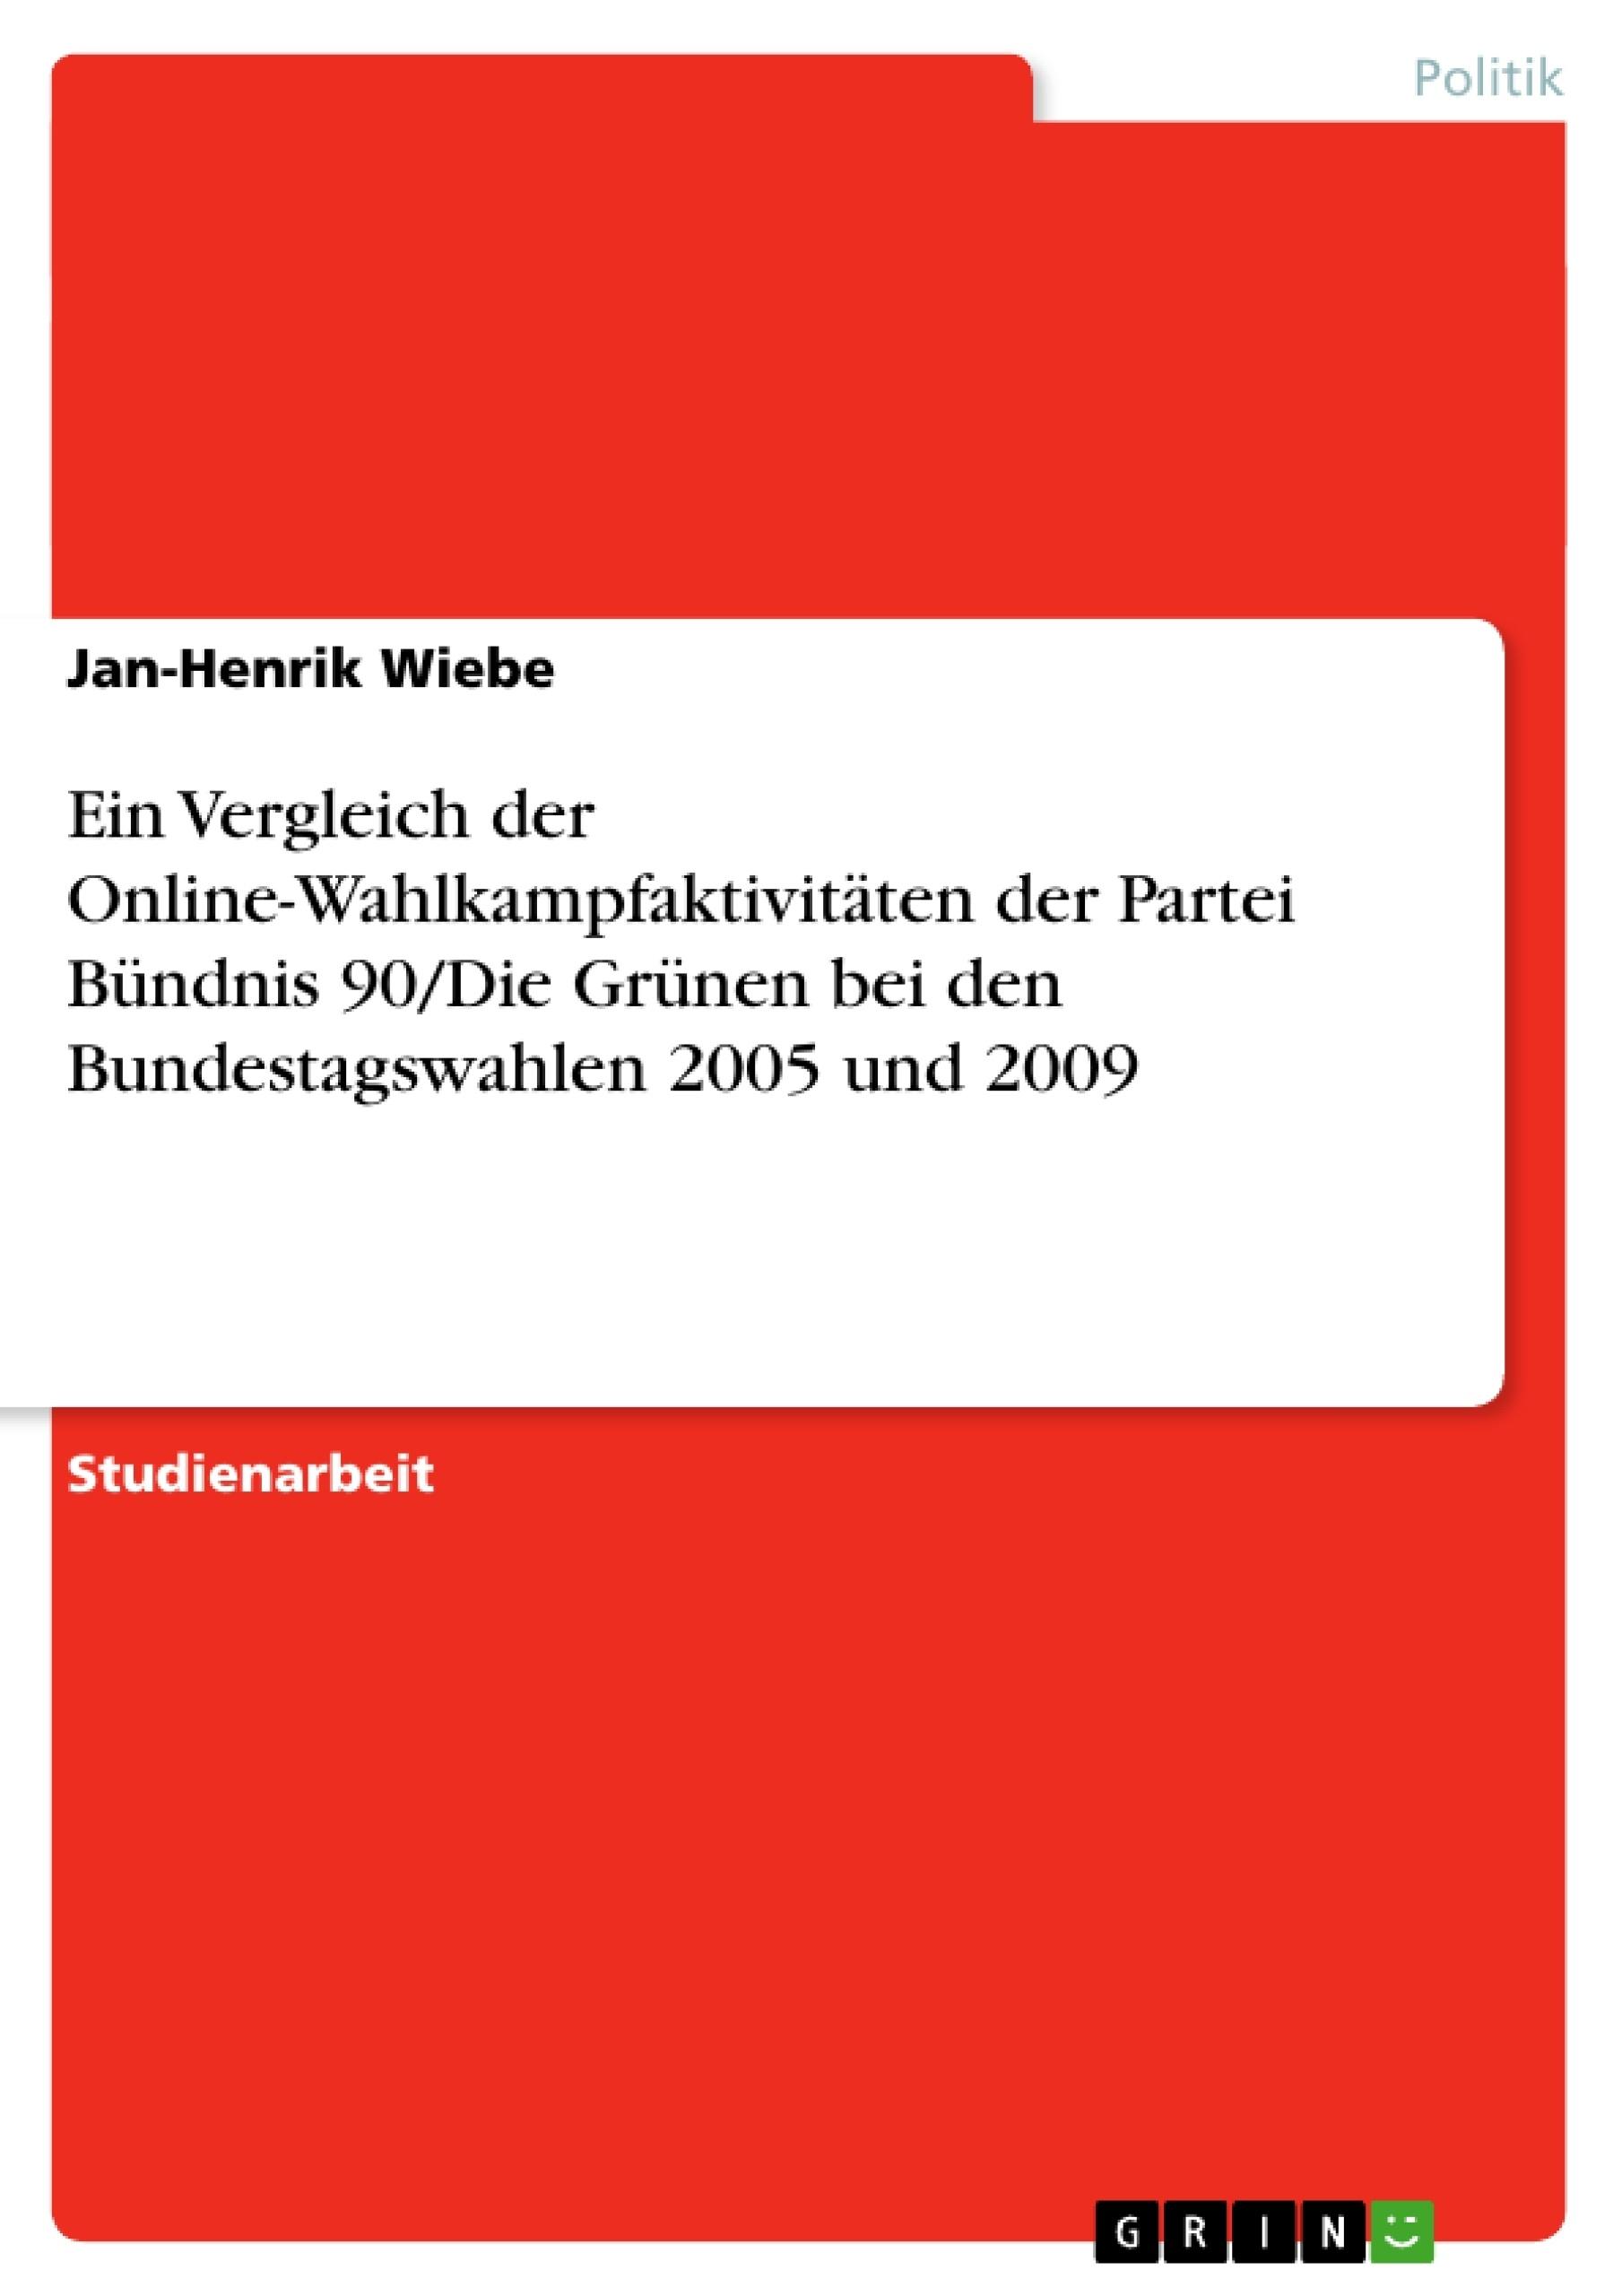 Titel: Ein Vergleich der Online-Wahlkampfaktivitäten der Partei Bündnis 90/Die Grünen bei den Bundestagswahlen 2005 und 2009